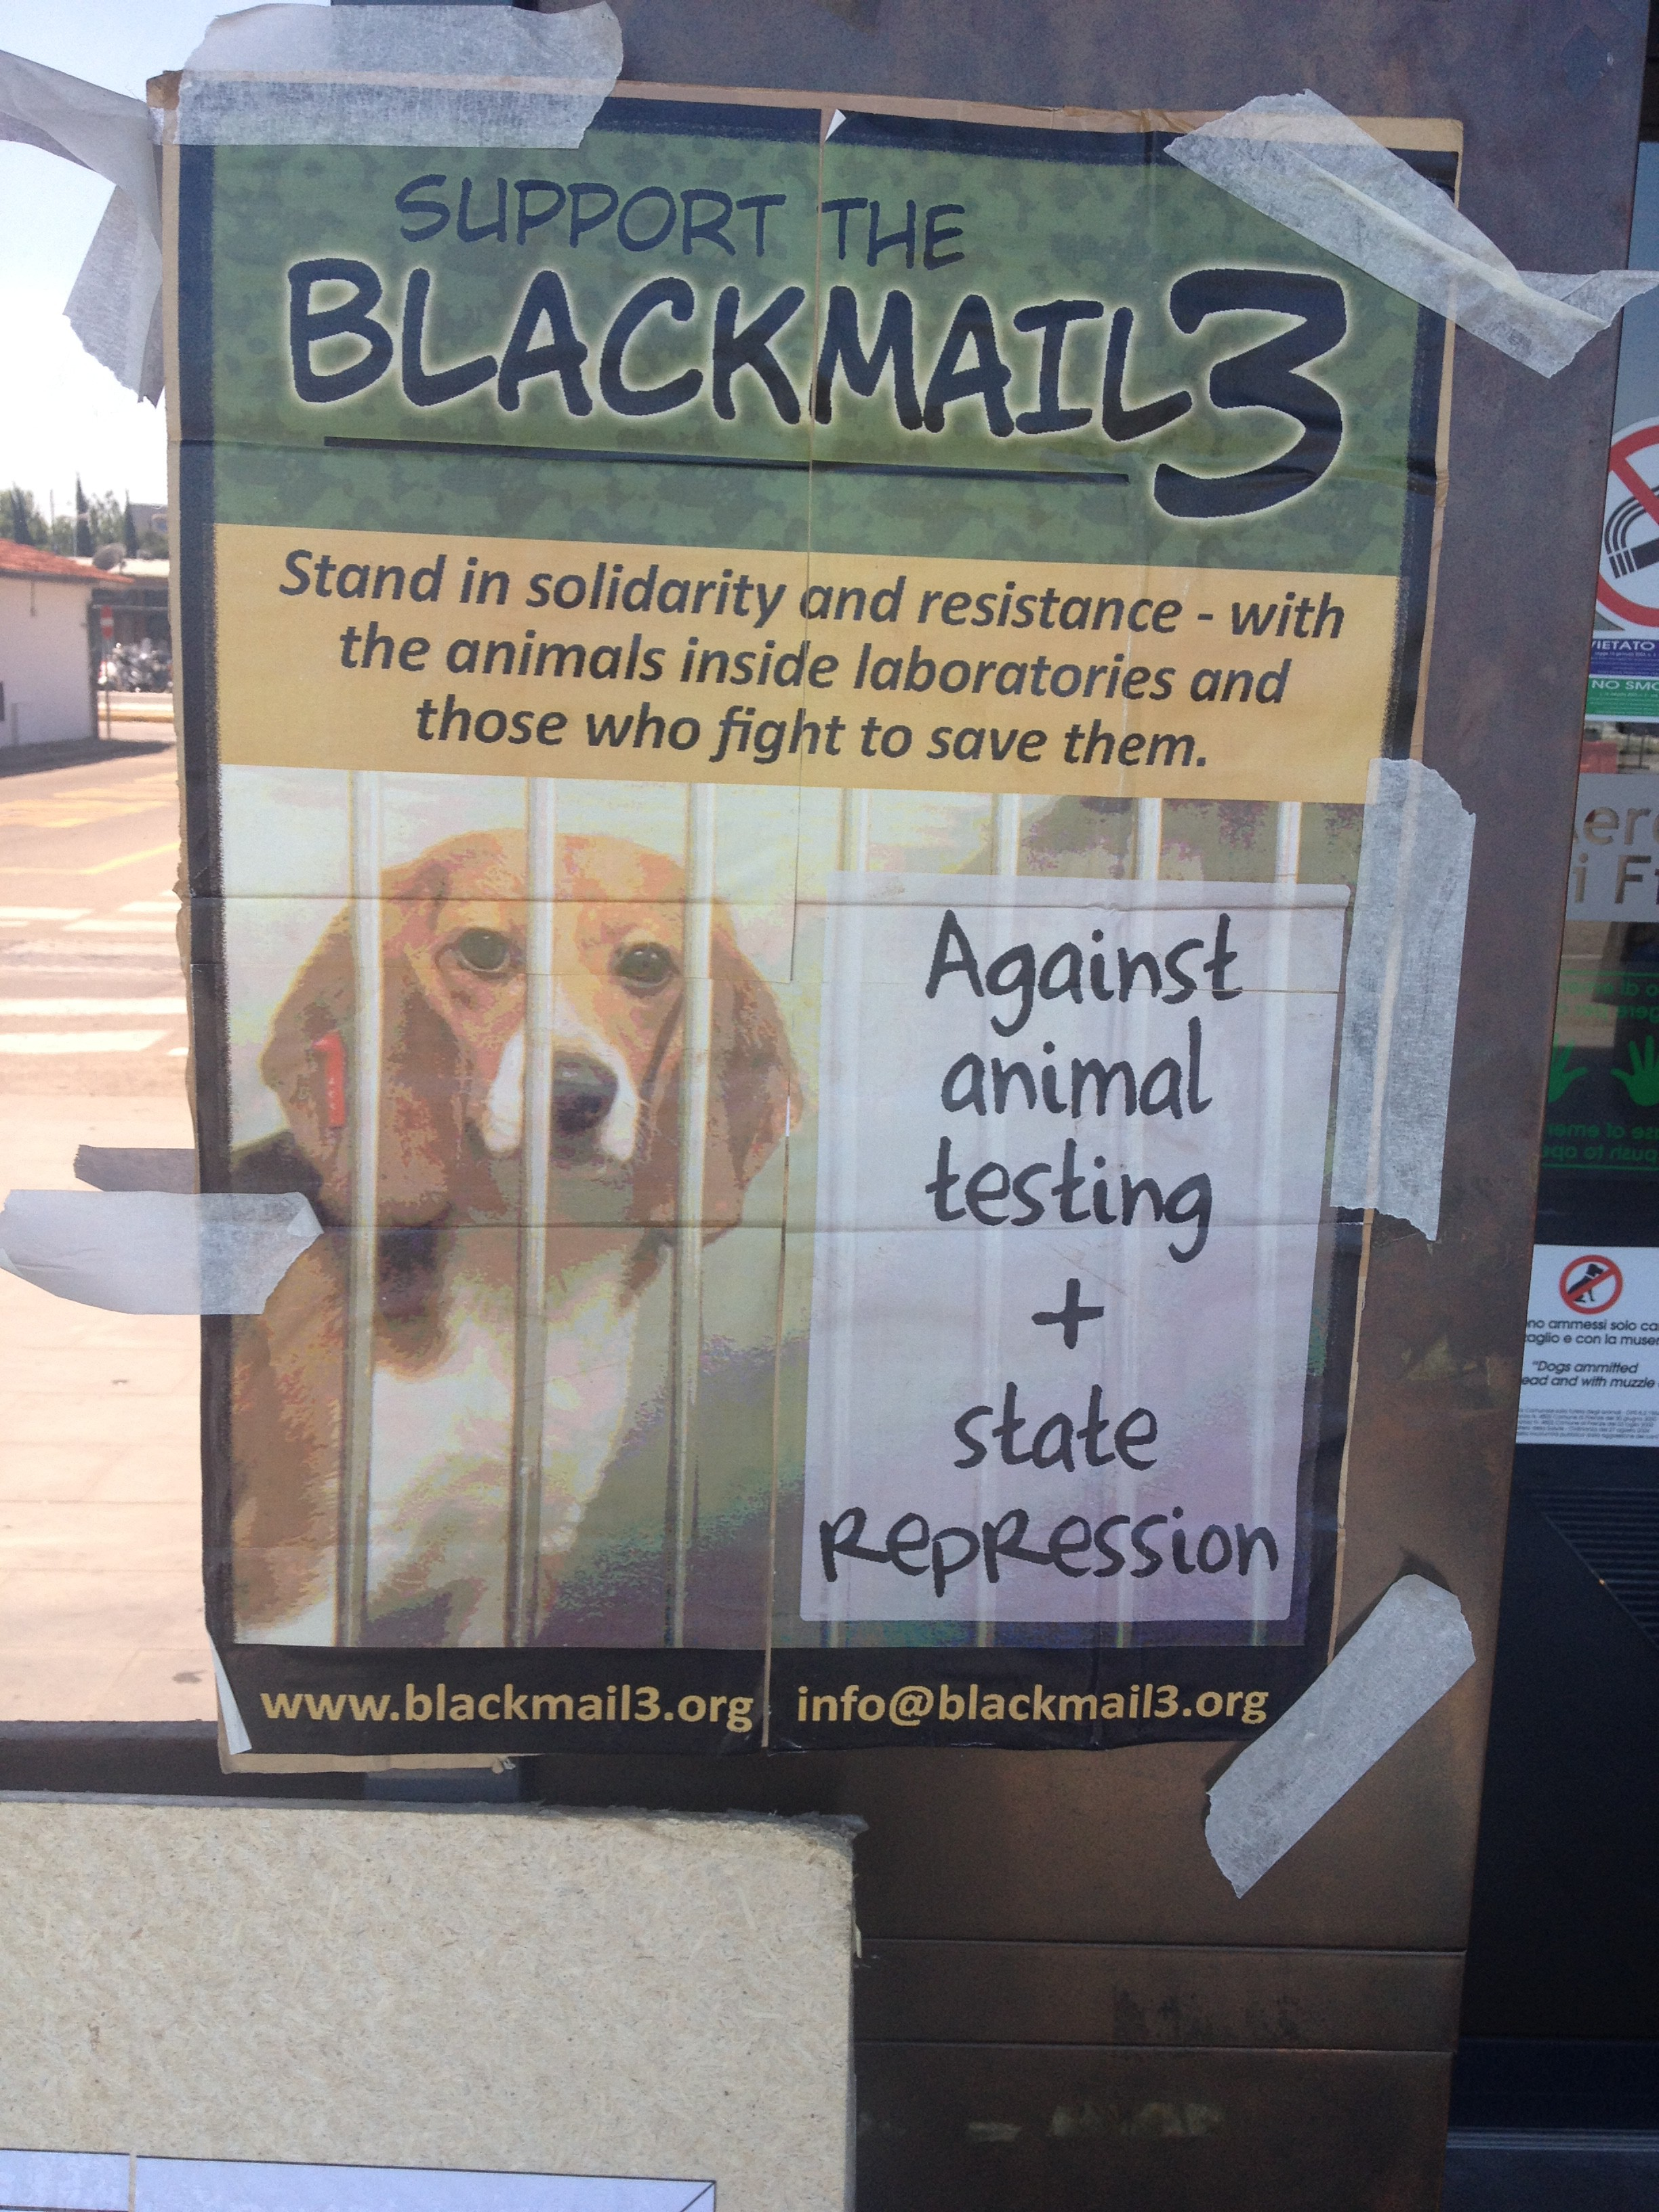 Solidarietà con chi lotta per la liberazione animale, umana e della terra, contro la repressione di stati e governi